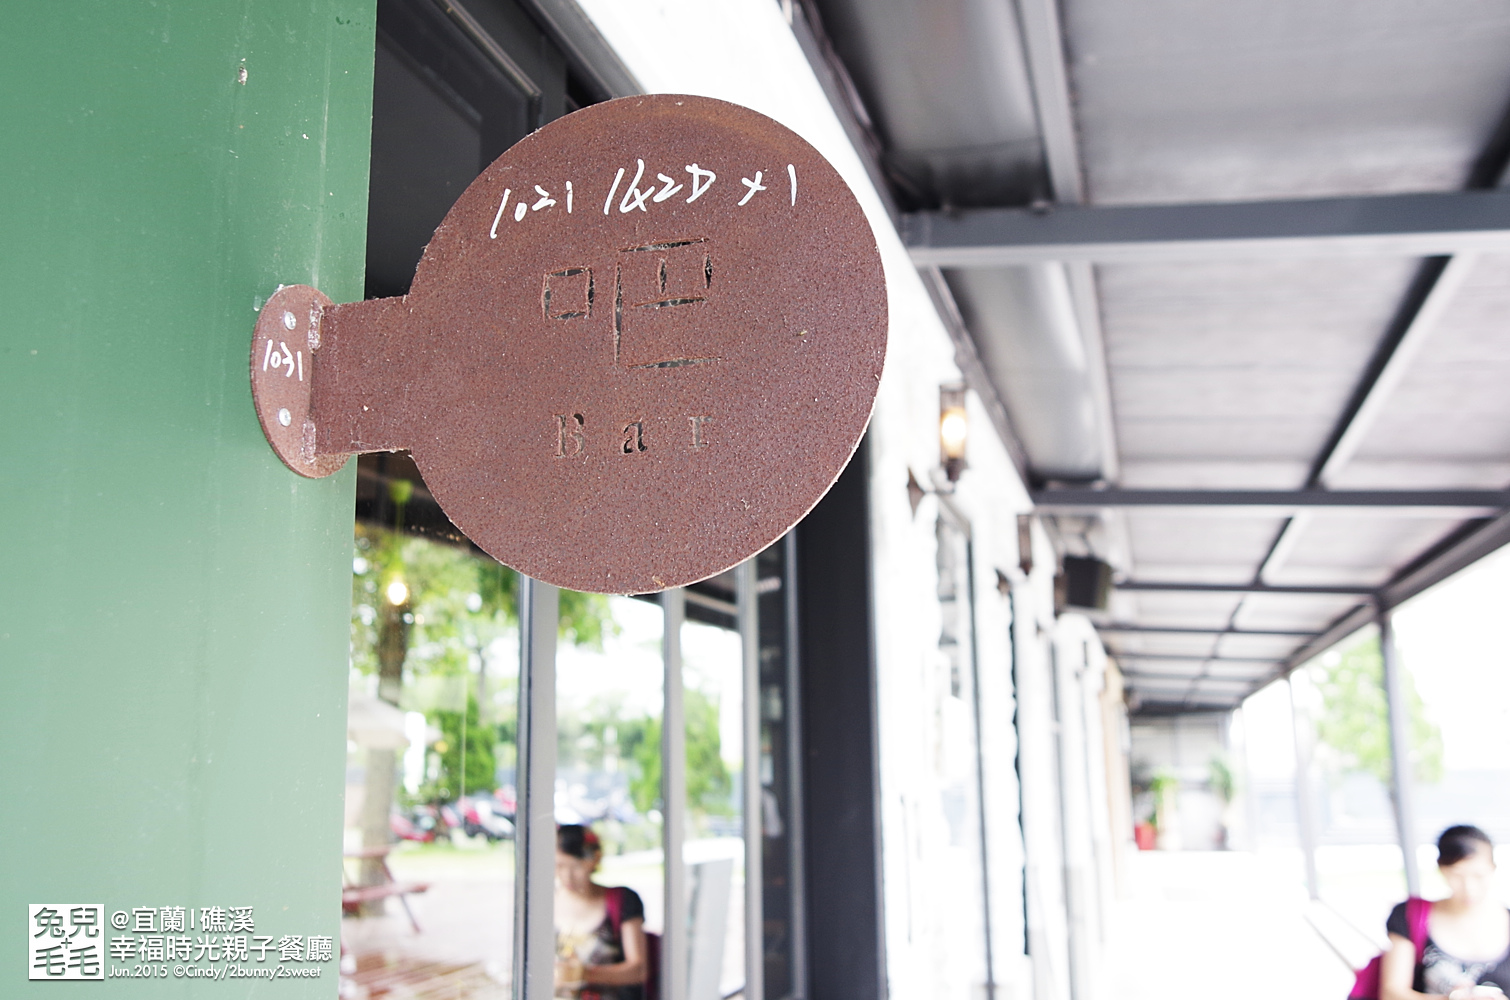 2015-0606-幸福時光-54.jpg